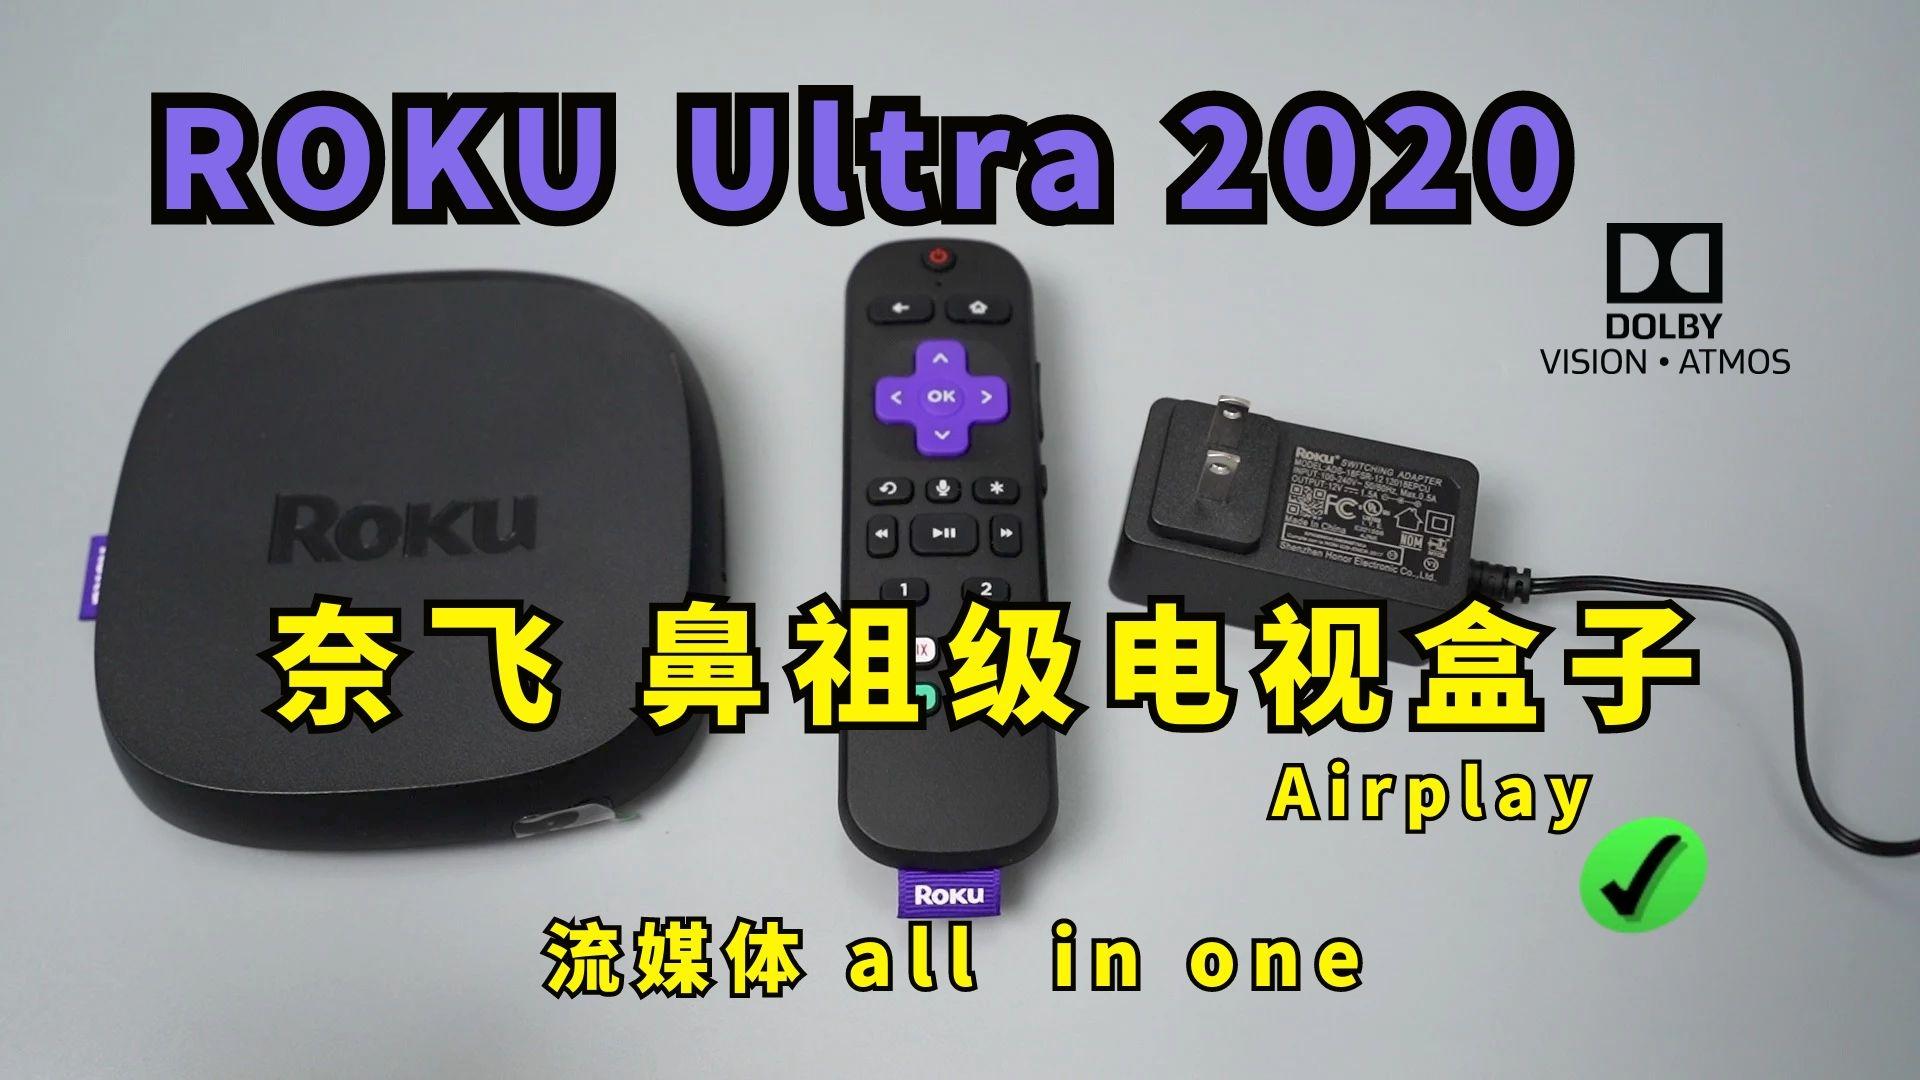 Roku Ultra 2020 Netflix鼻祖级流媒体电视盒子